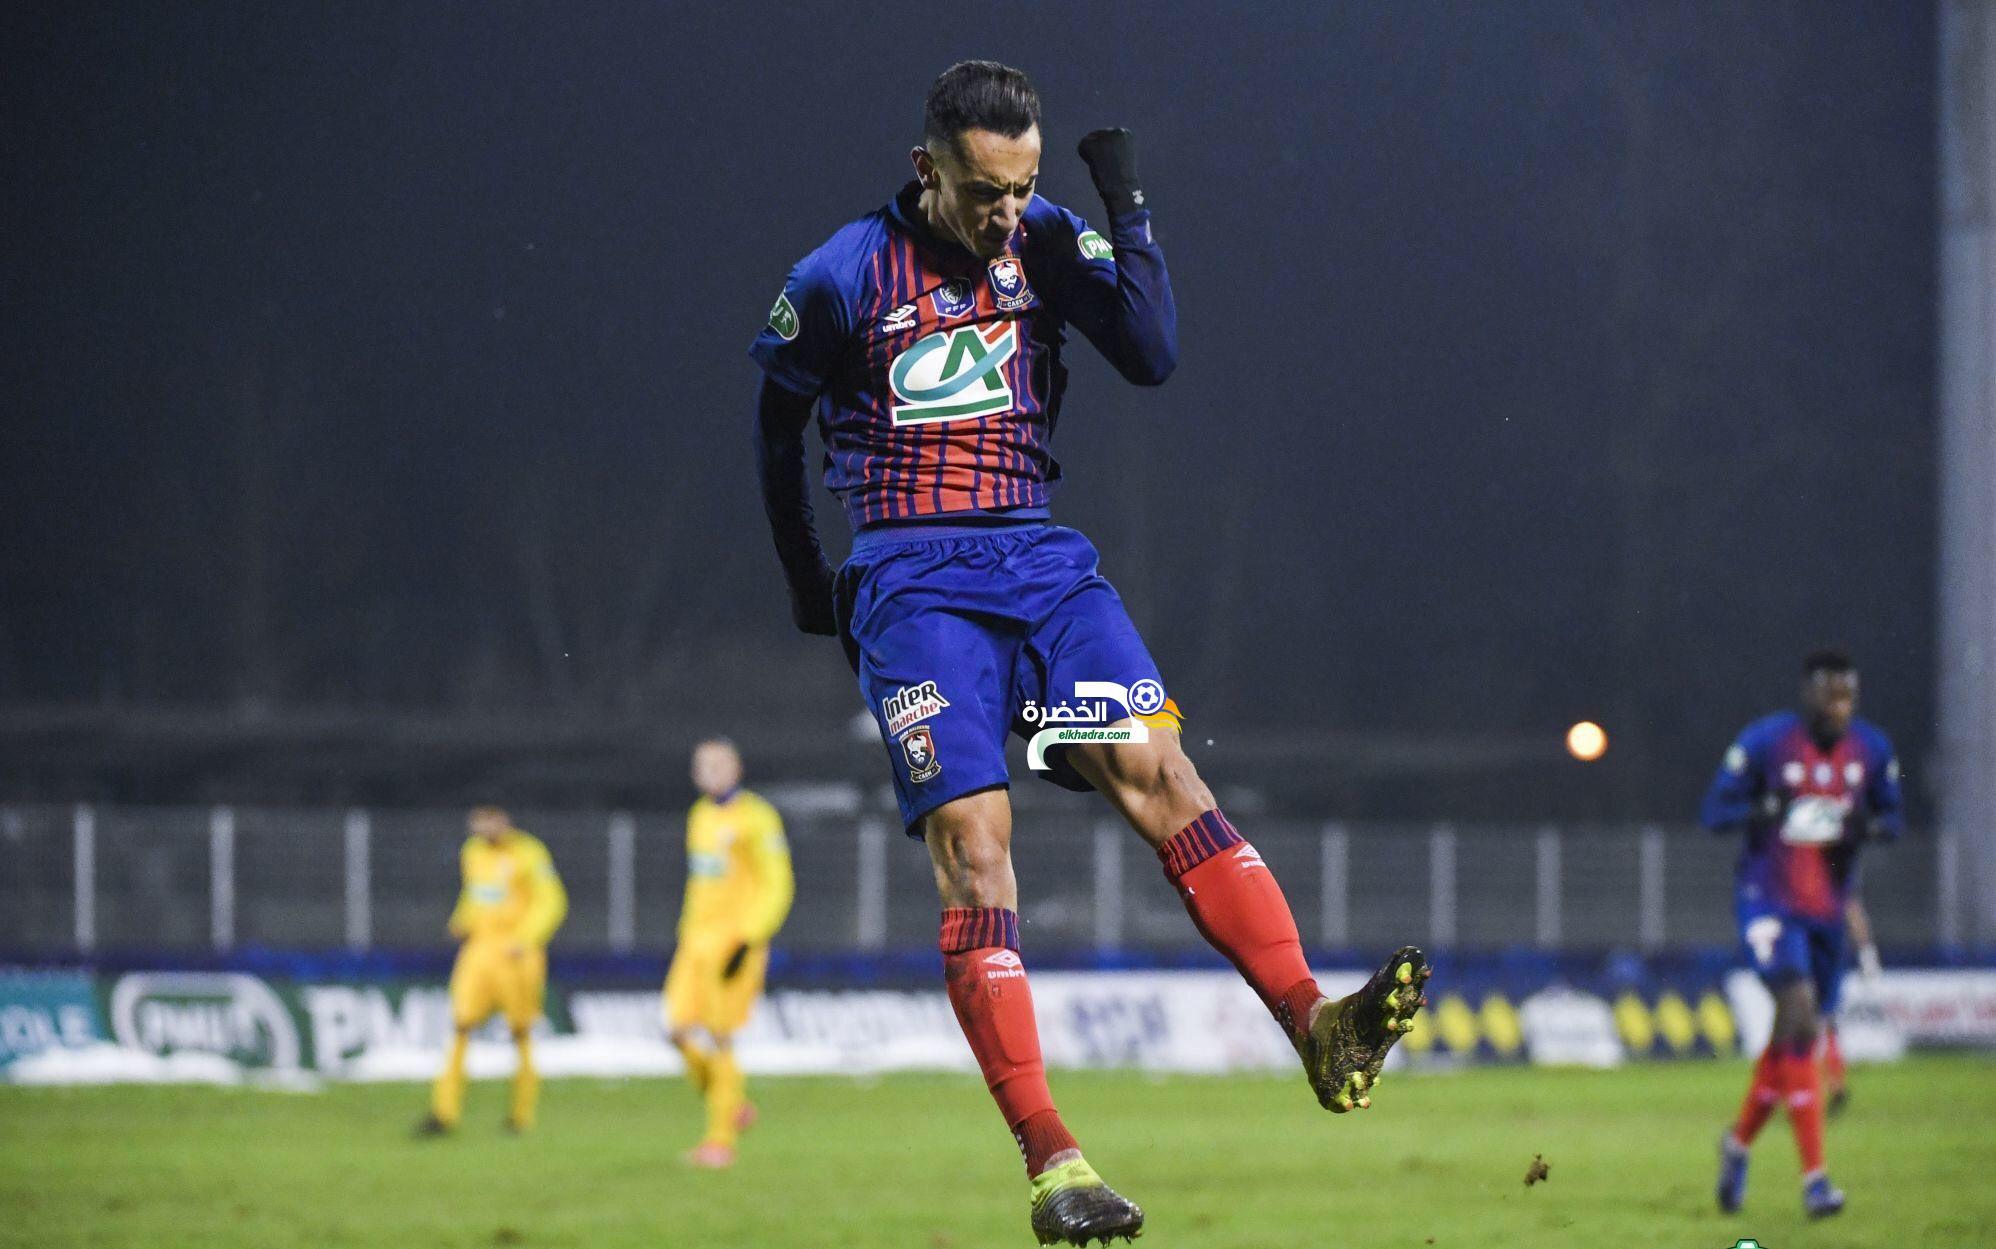 أول ظهور وأول هدف لهذا الجزائري الشاب مع فريق كان الفرنسي ! 24